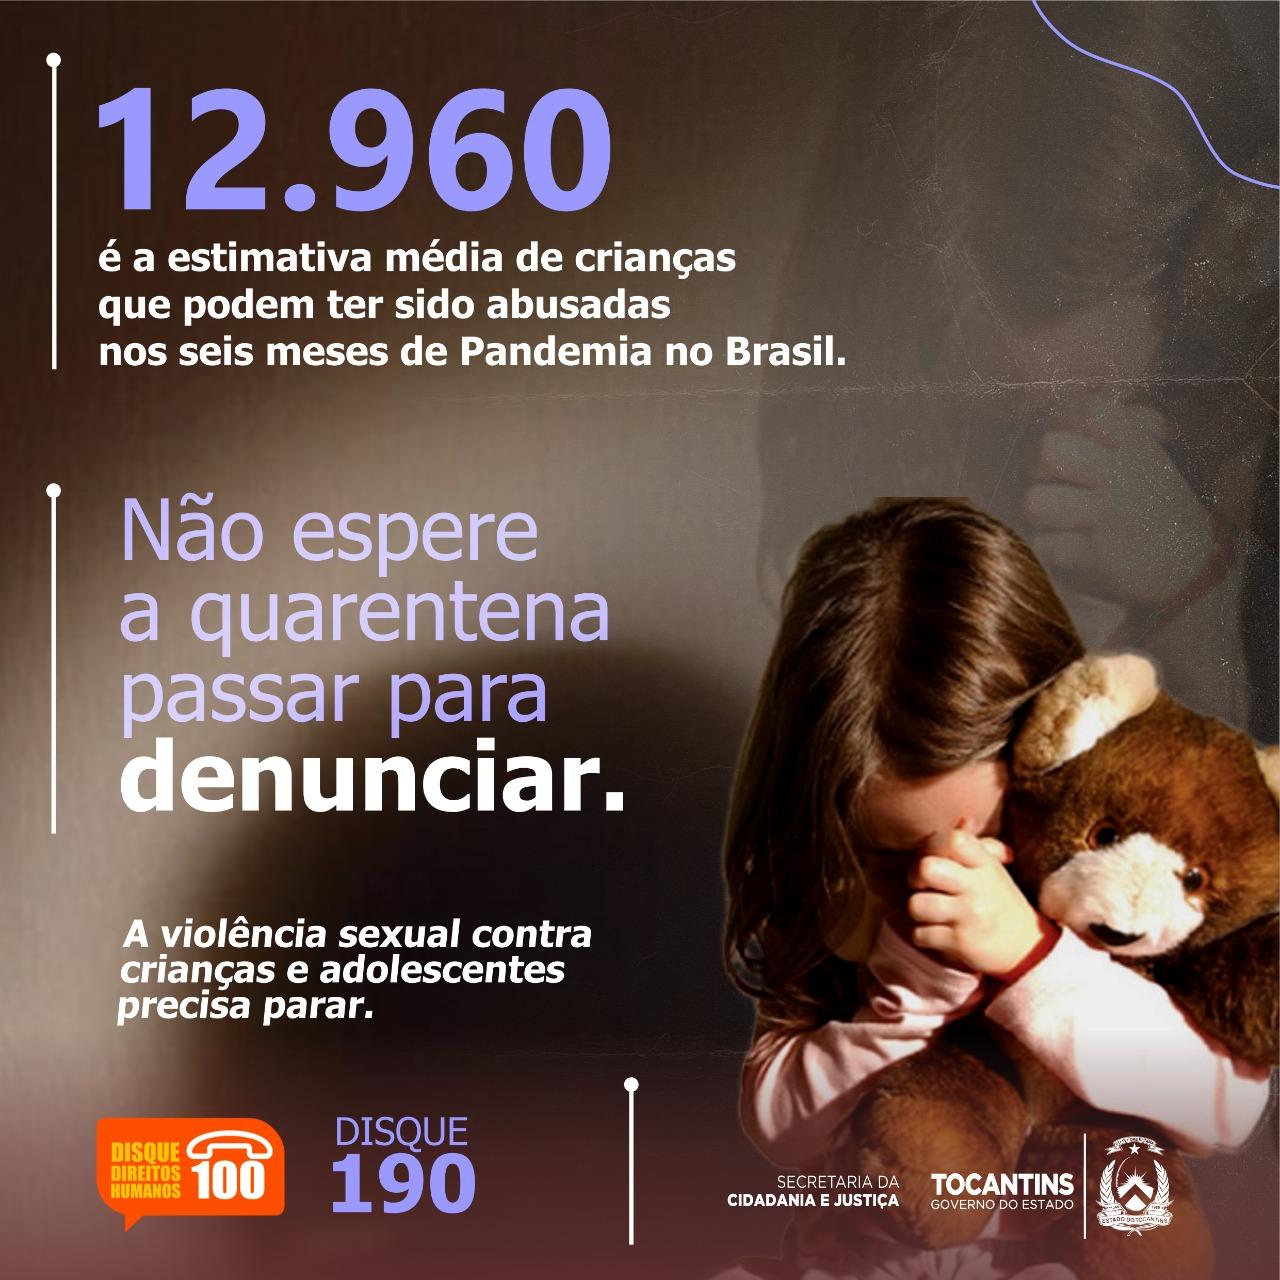 Denúncias de violência sexual contra crianças e adolescentes reduz drasticamente durante pandemia